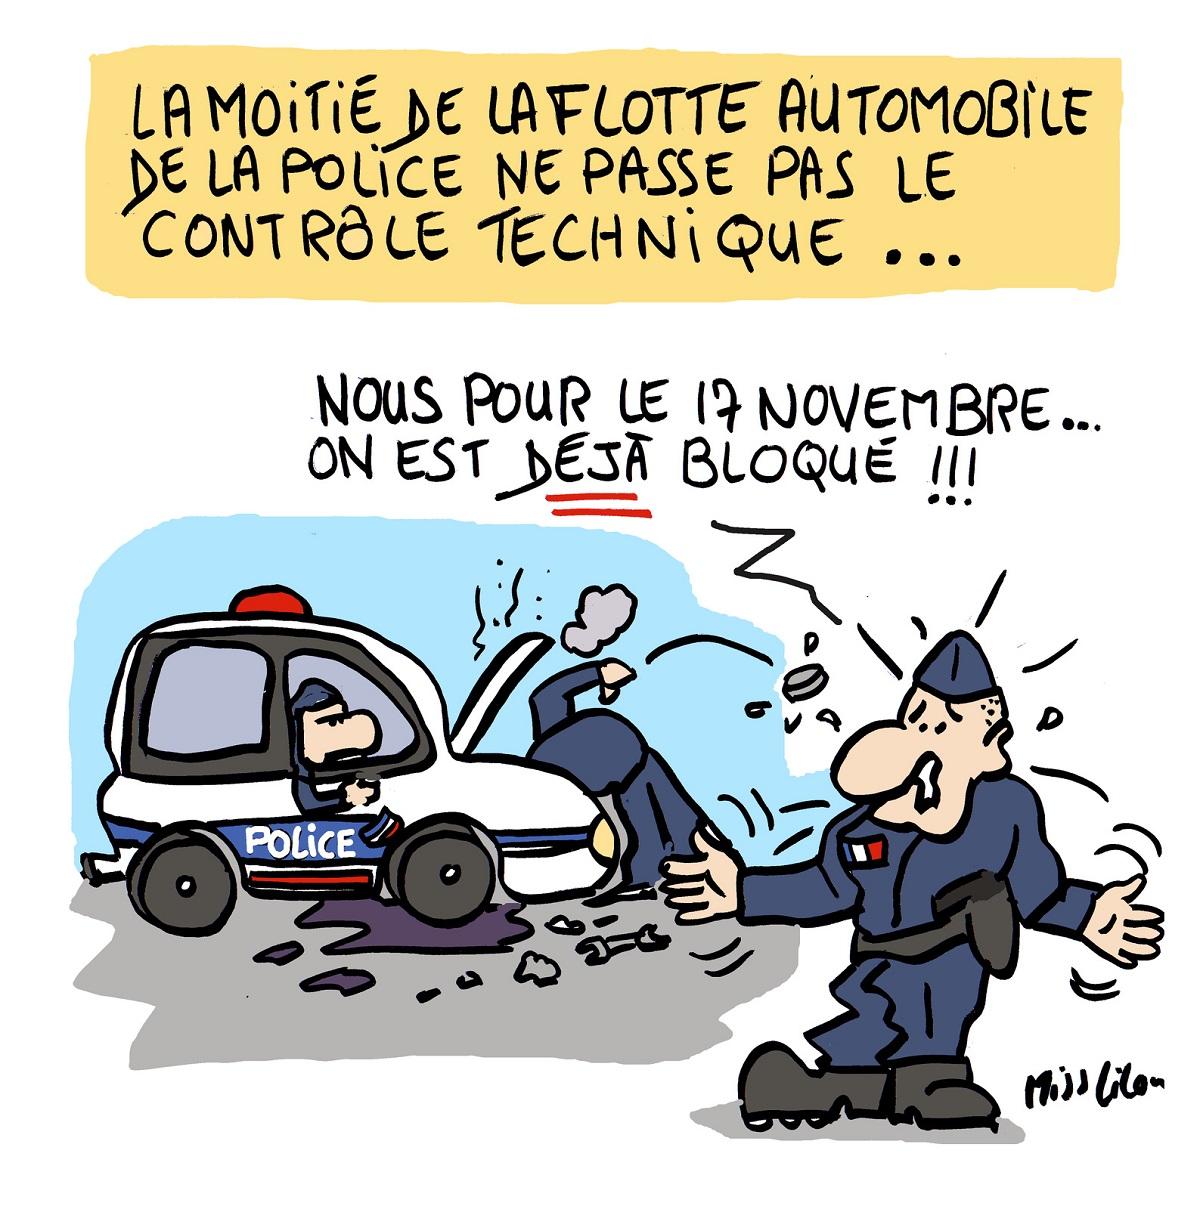 dessin d'actualité humoristique sur l'obsolescence des véhicules de la police française